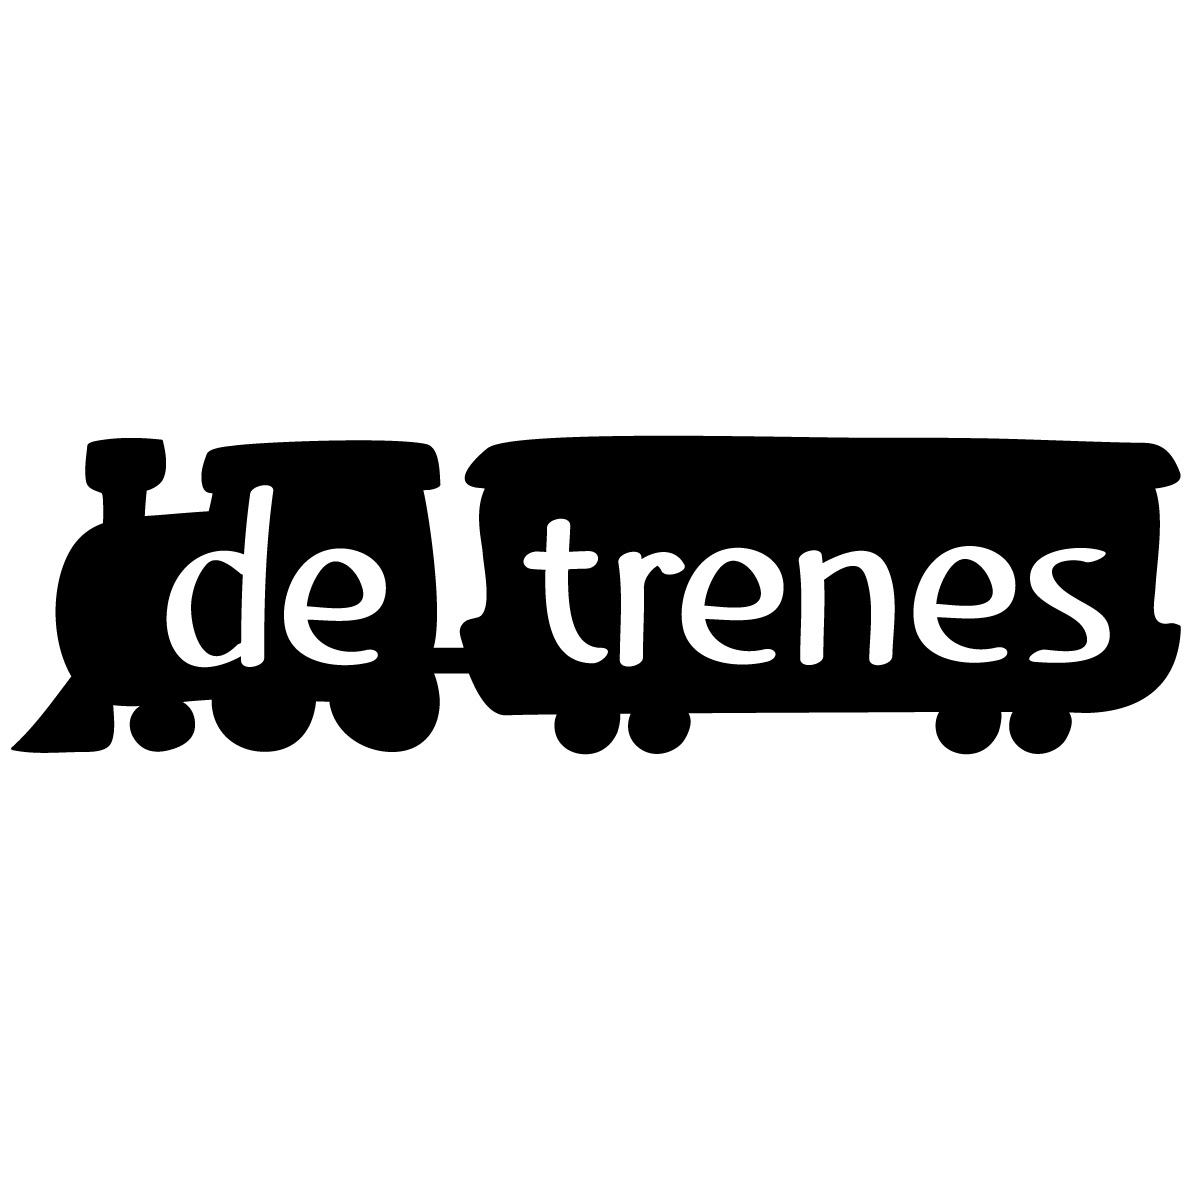 De trenes